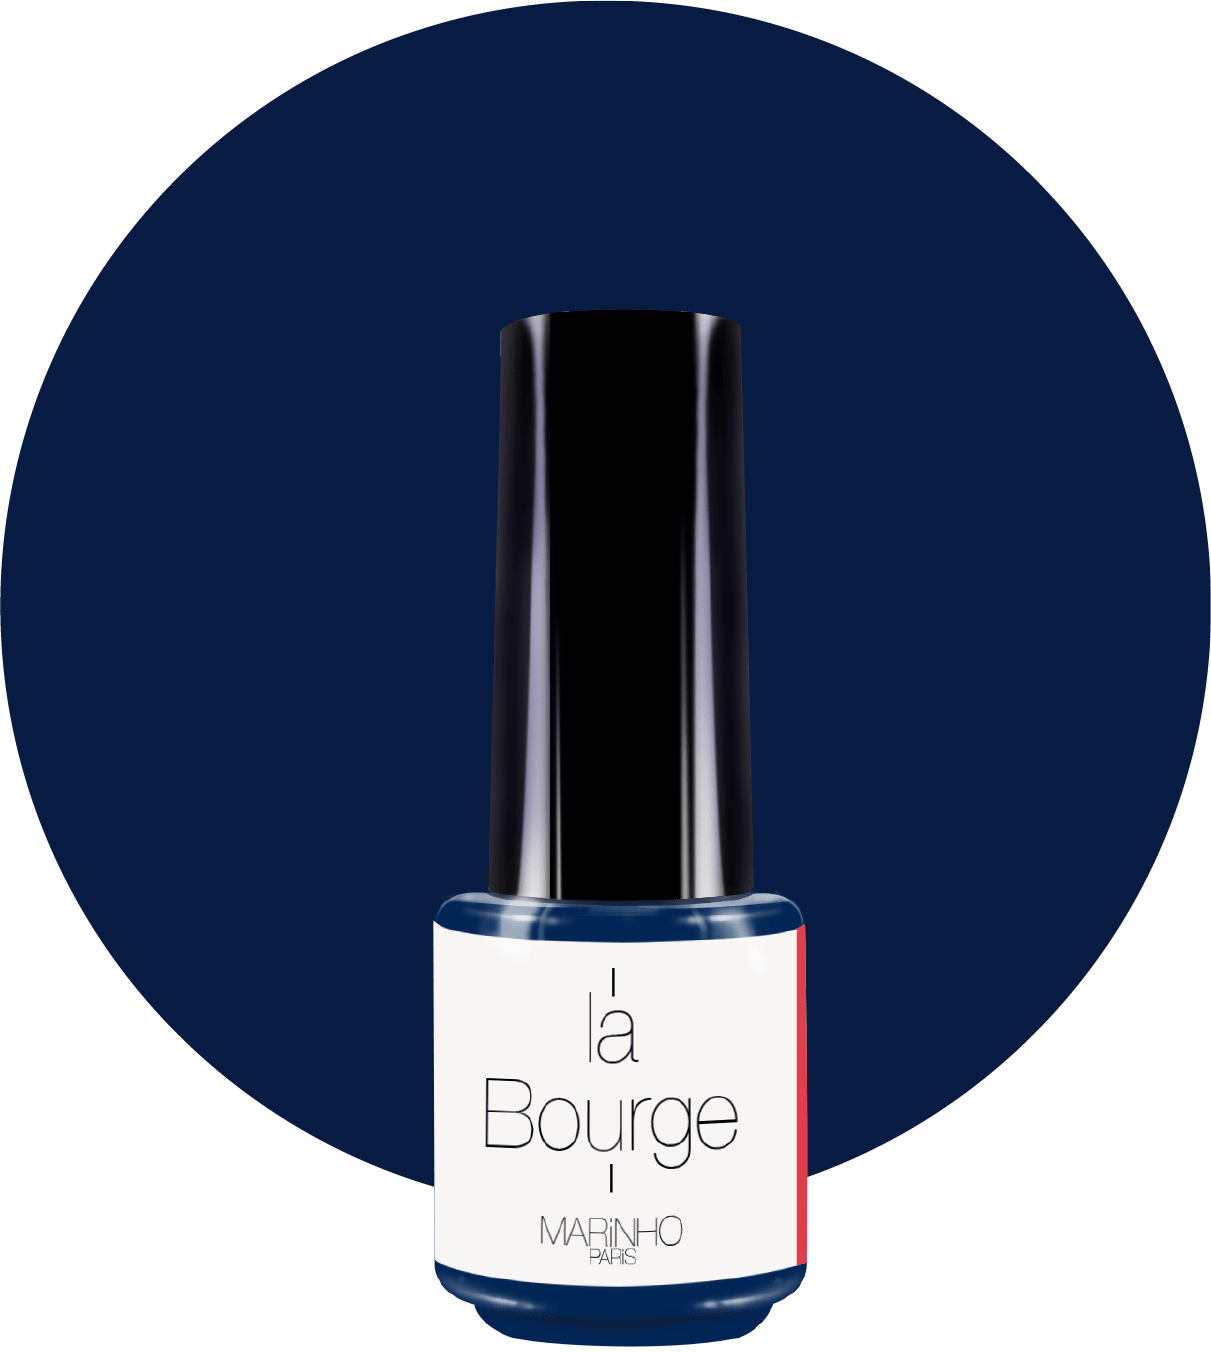 bouteille de vernis bleu marine